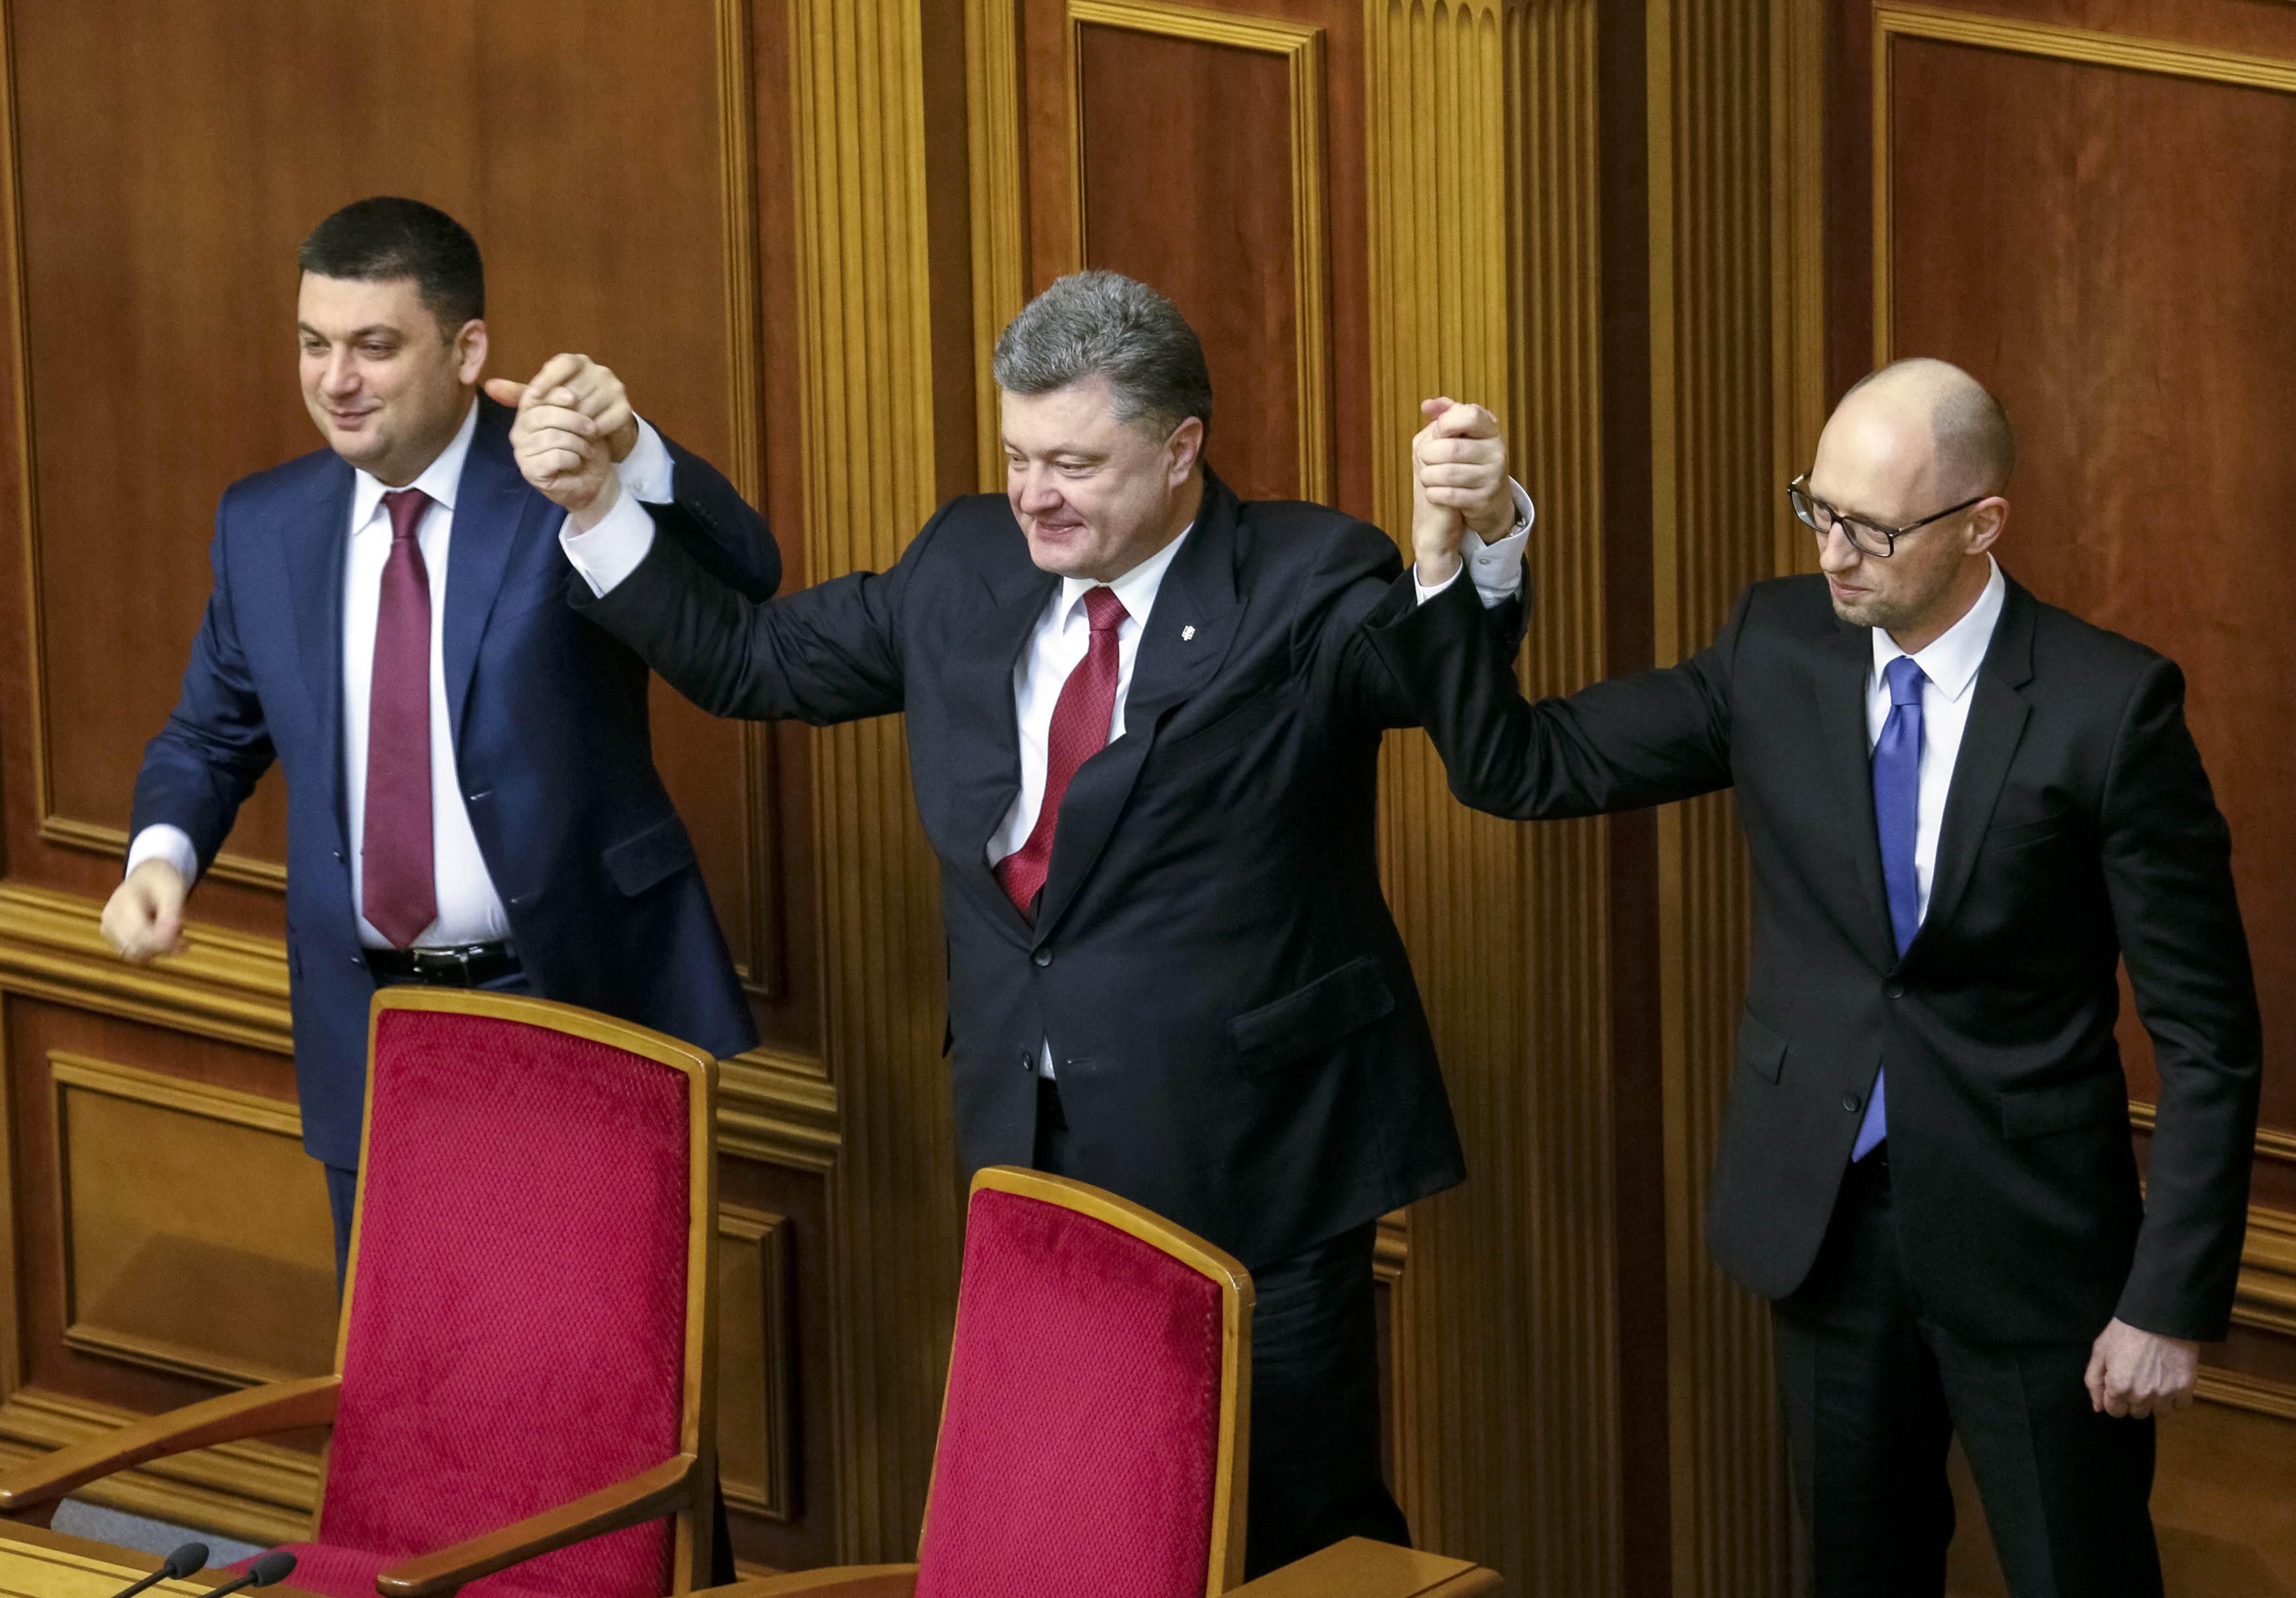 Владимир Гройсман, Петр Порошенко и Арсений Яценюк